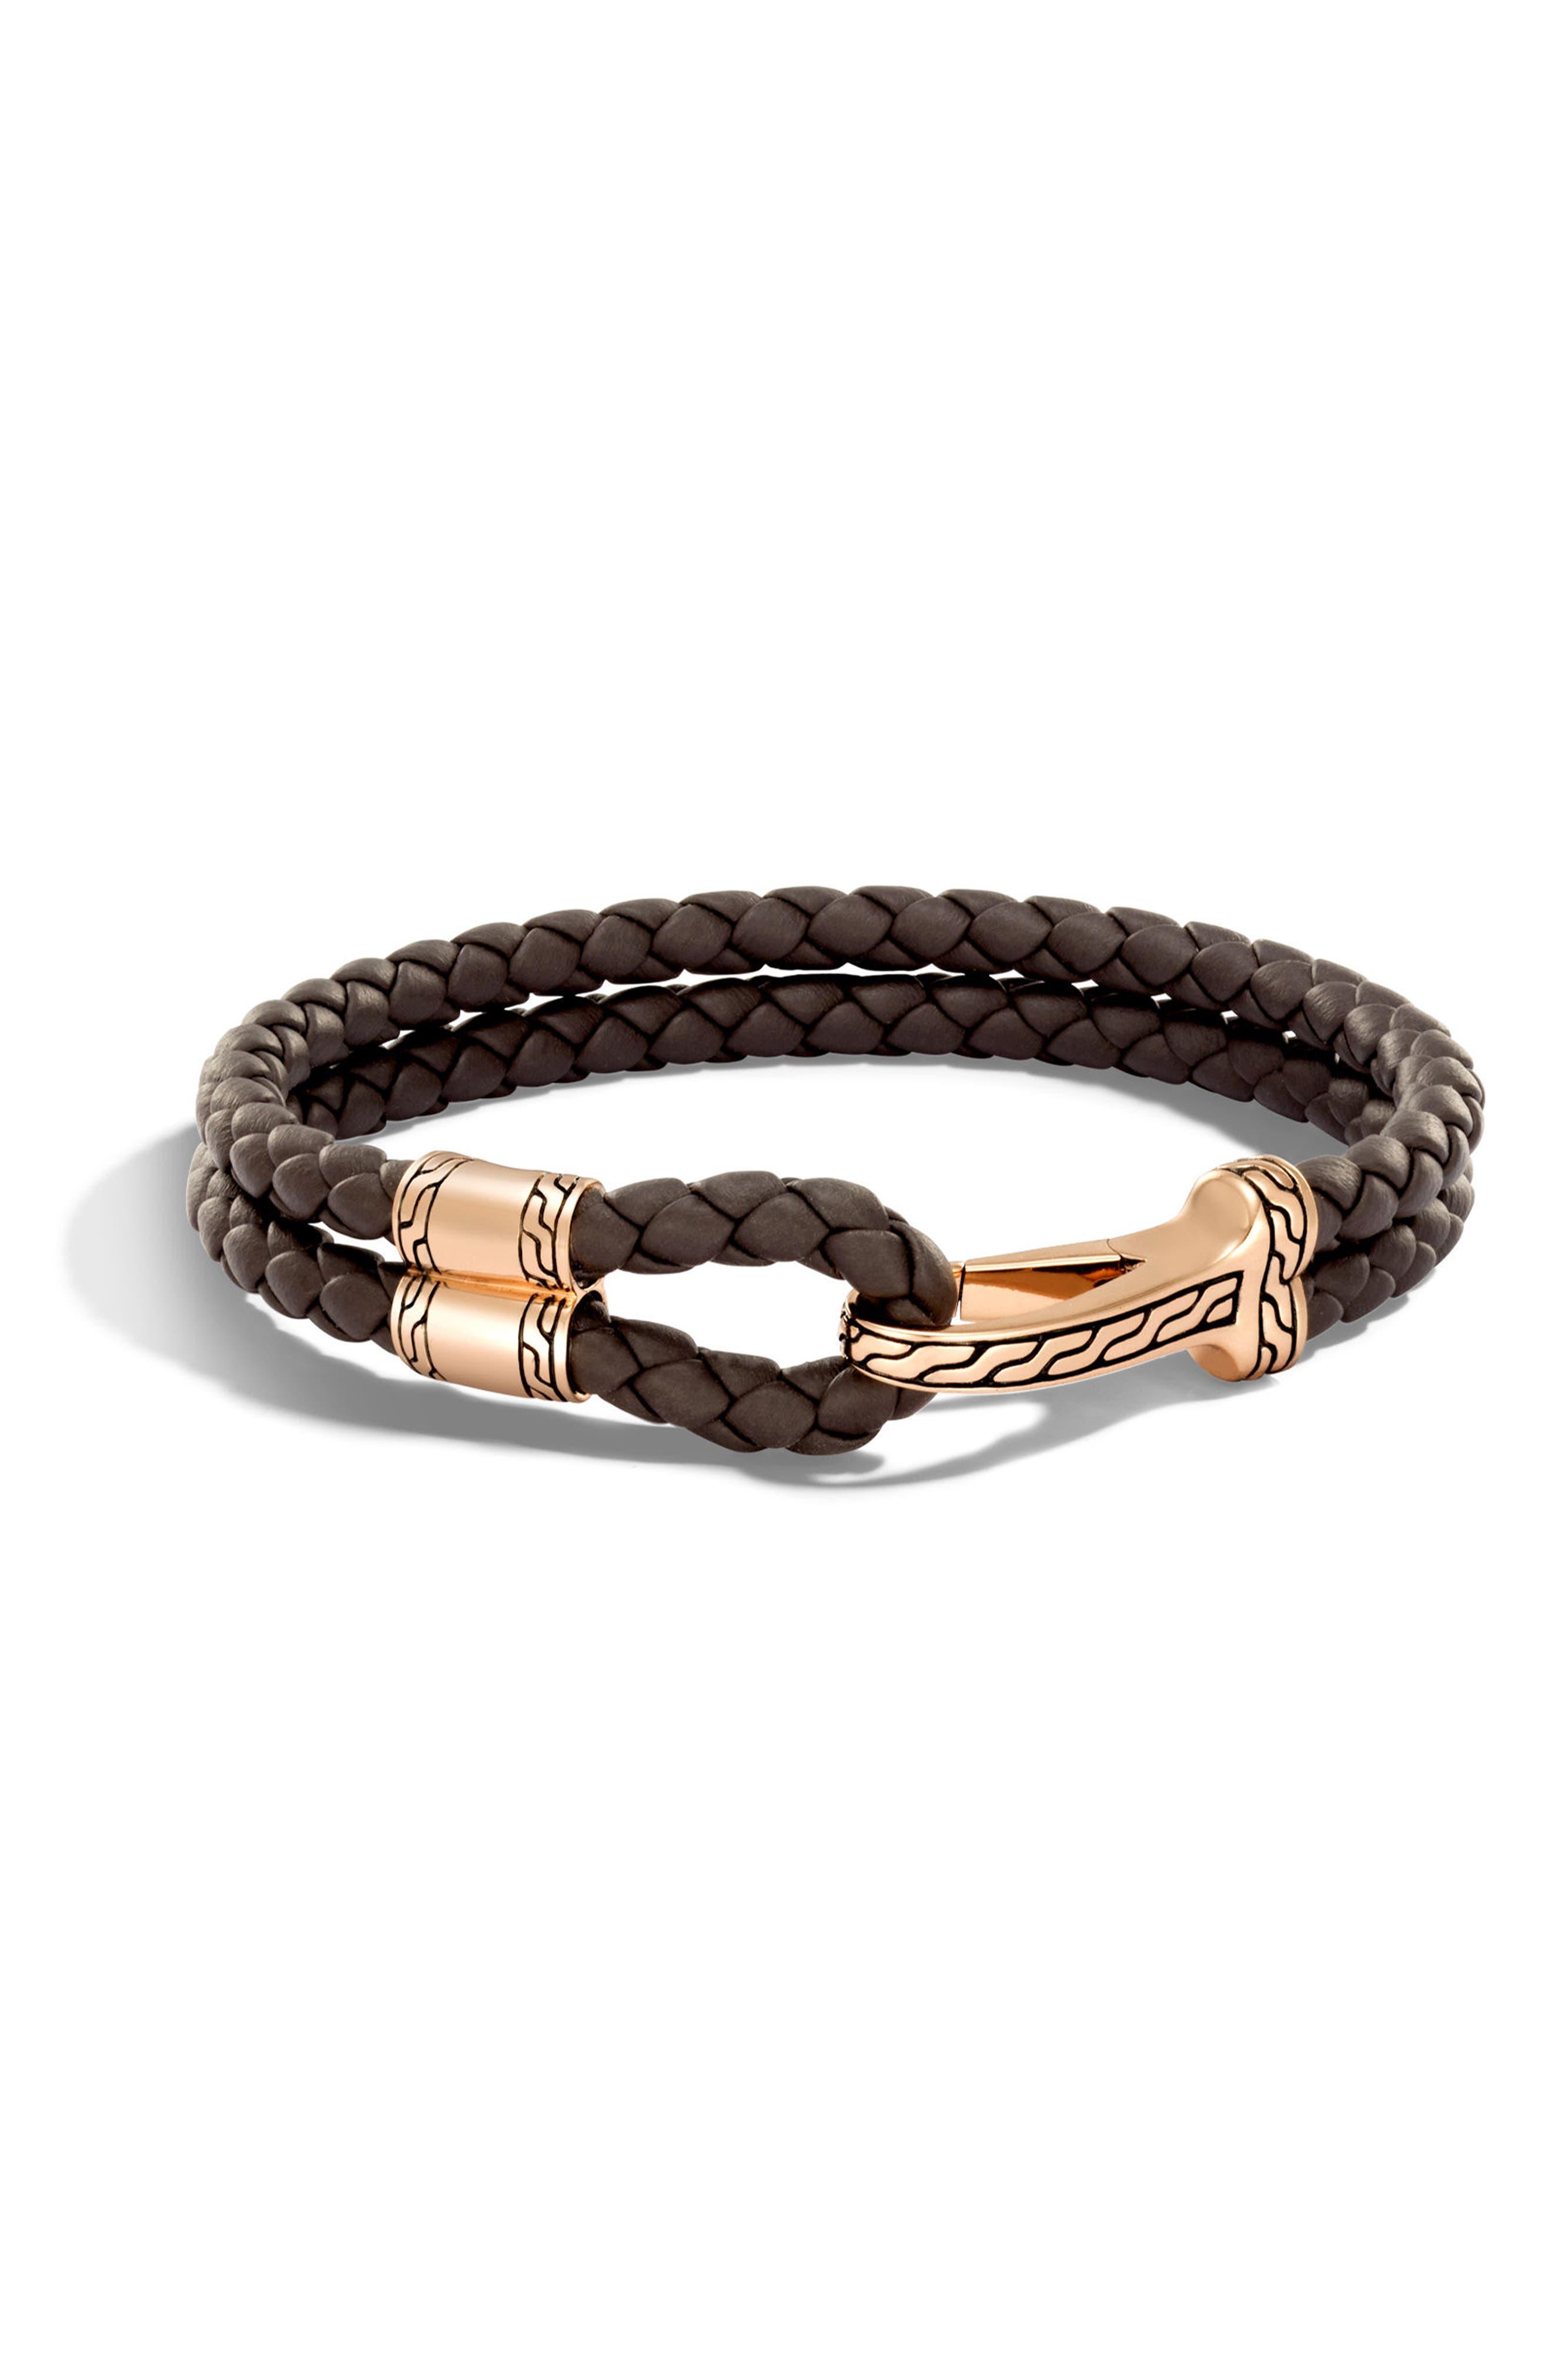 Classic Double Leather Chain Bronze Hook Bracelet,                         Main,                         color, BRONZE